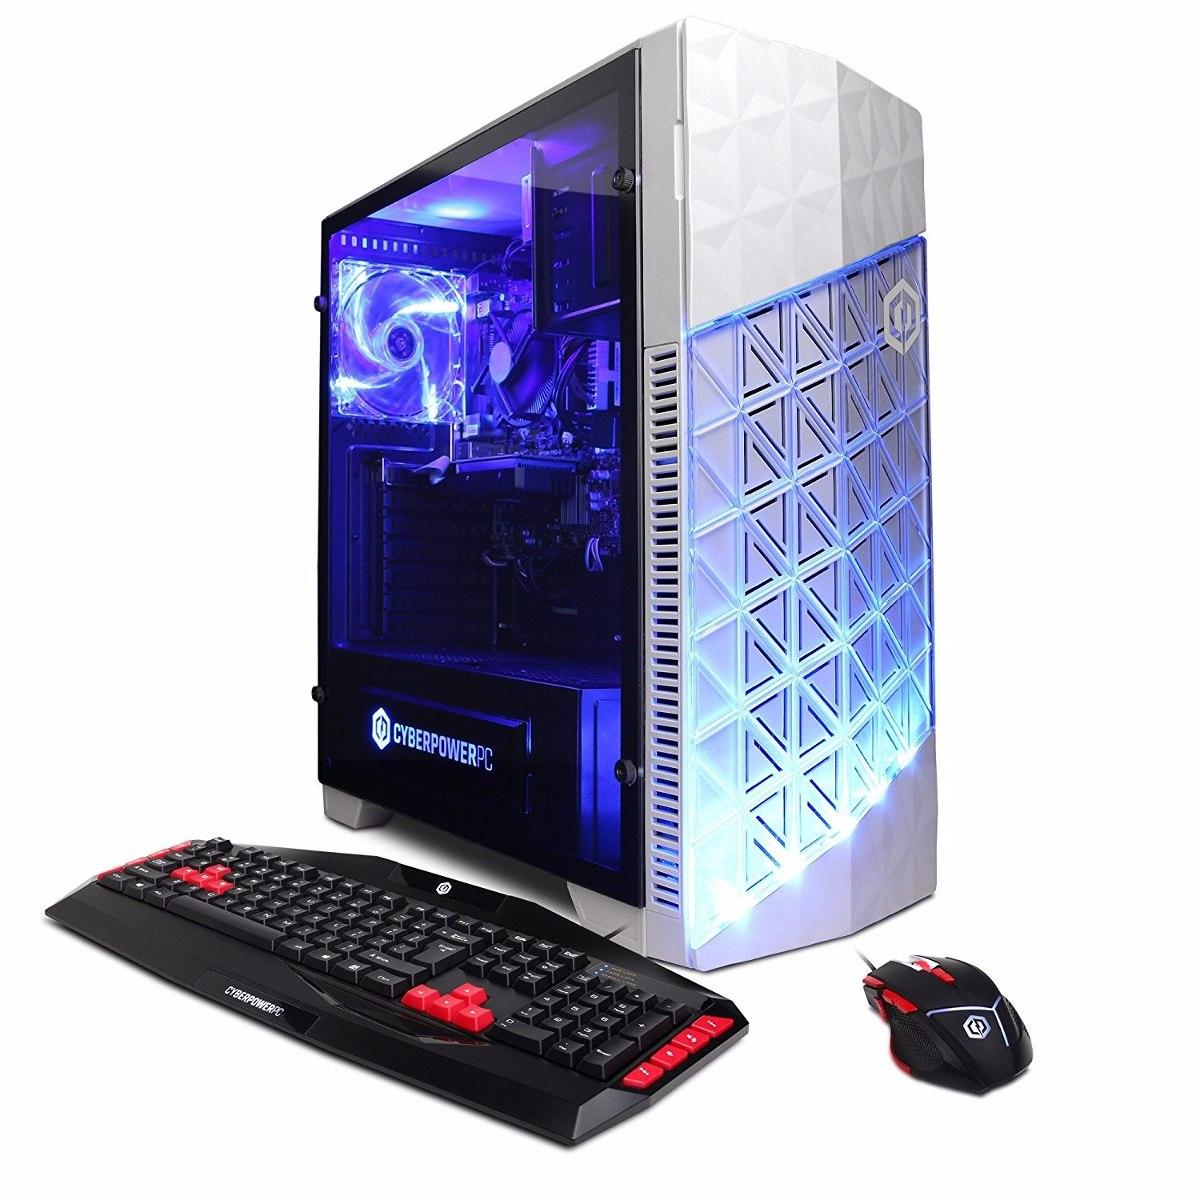 Pc Gamer Ultra Gua882 Fx4300 Marca Cyberpowerpc